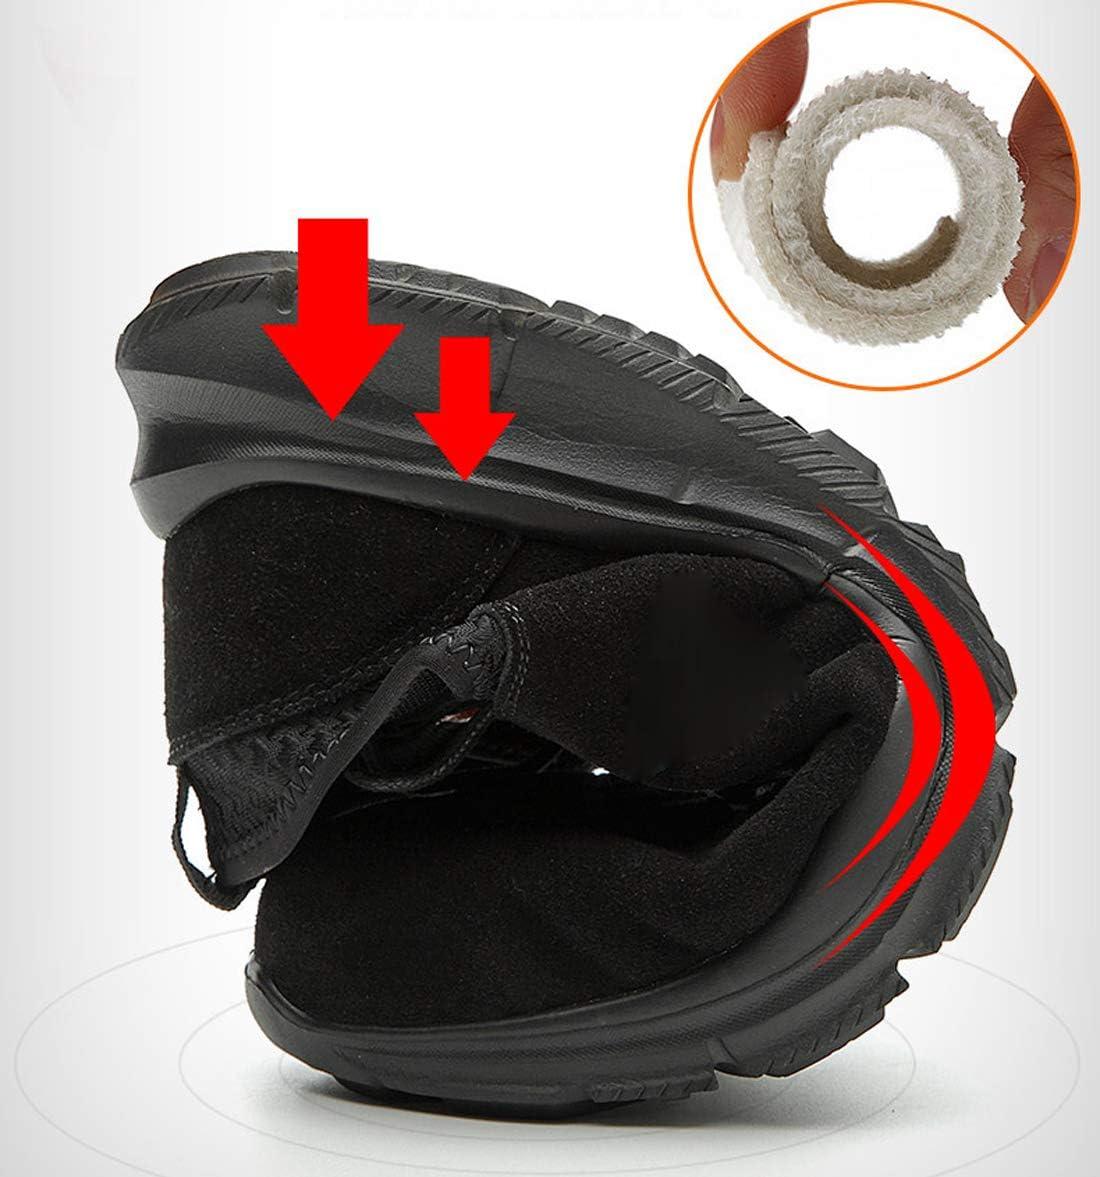 Dxyap Chaussures de Securit/é Homme Embout Acier Protection Antid/érapante Anti-Perforation L/éger Respirante Unisexes Chaussures de Travail Unisexes